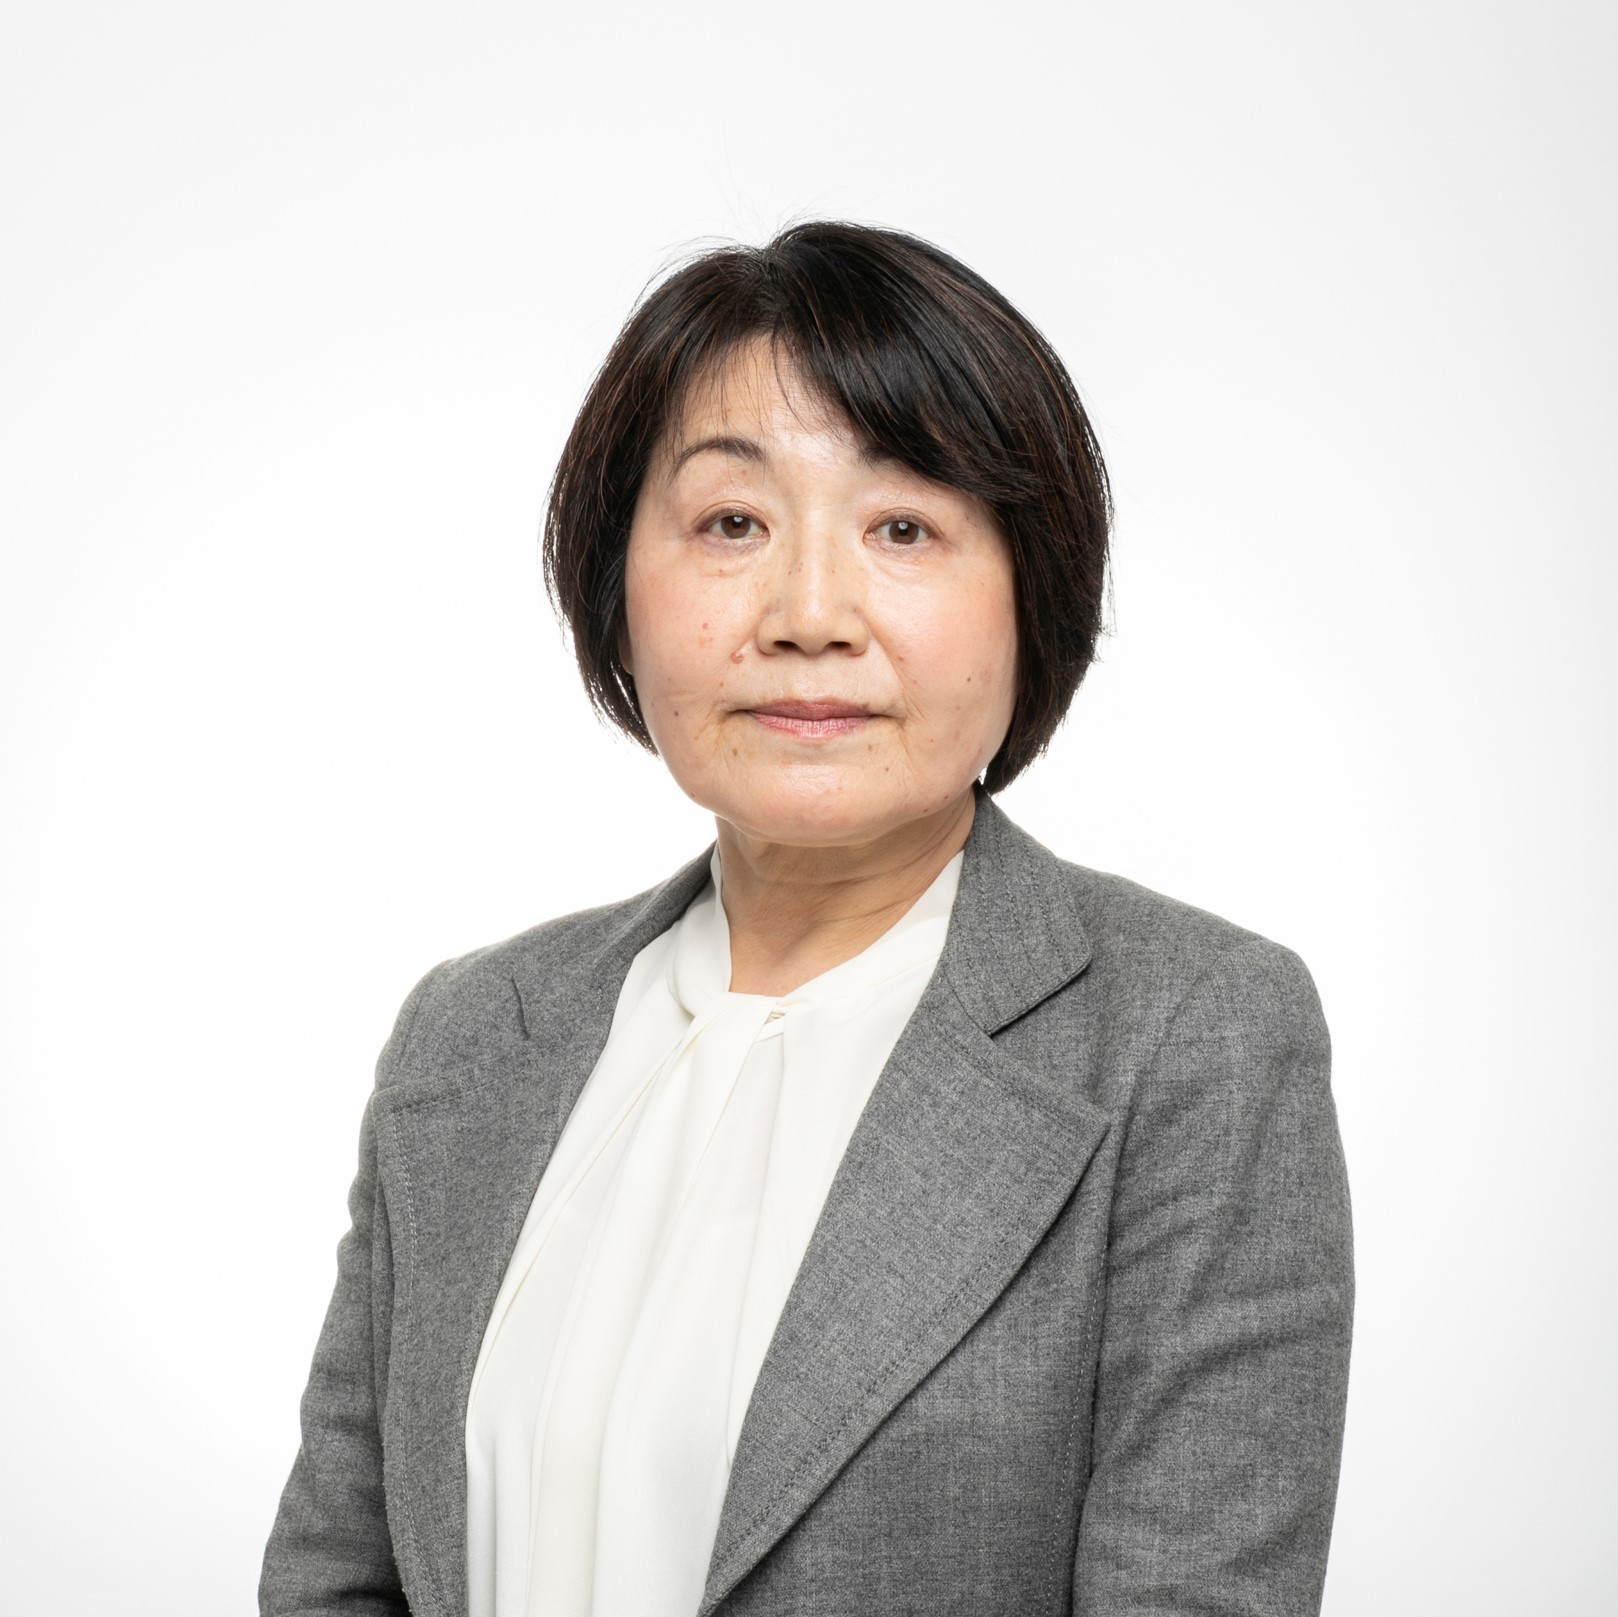 Harumi Karasawa